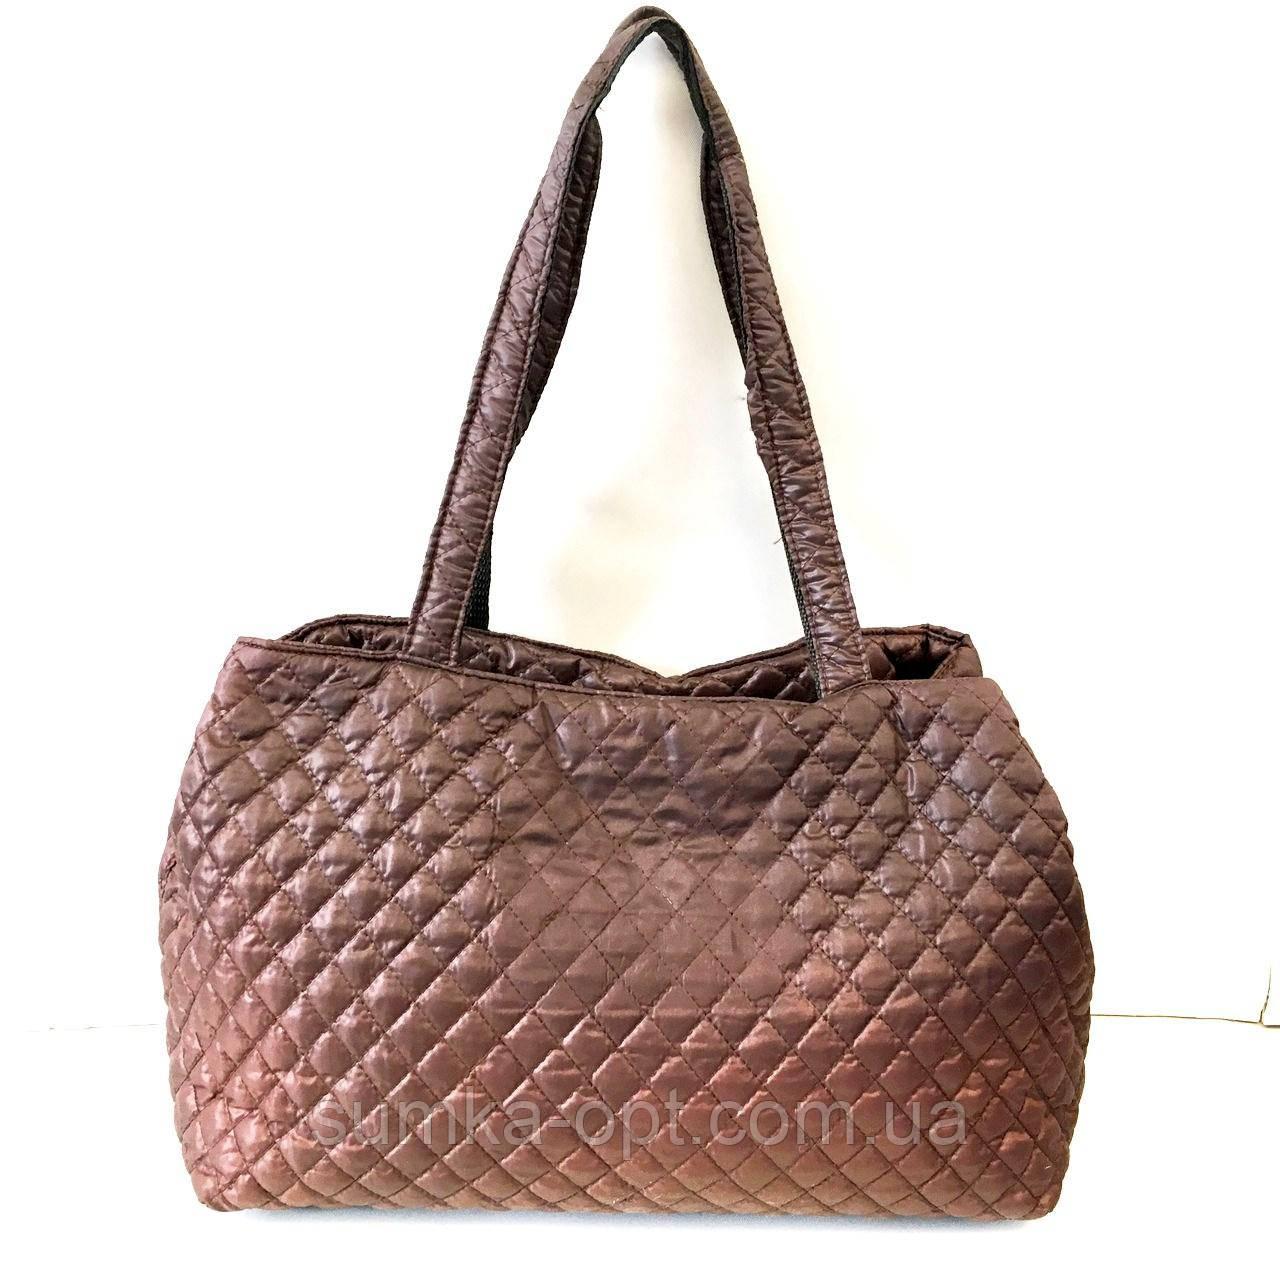 Женские стеганные сумки дешево опт до 100грн Chanel (каштан)26*51см